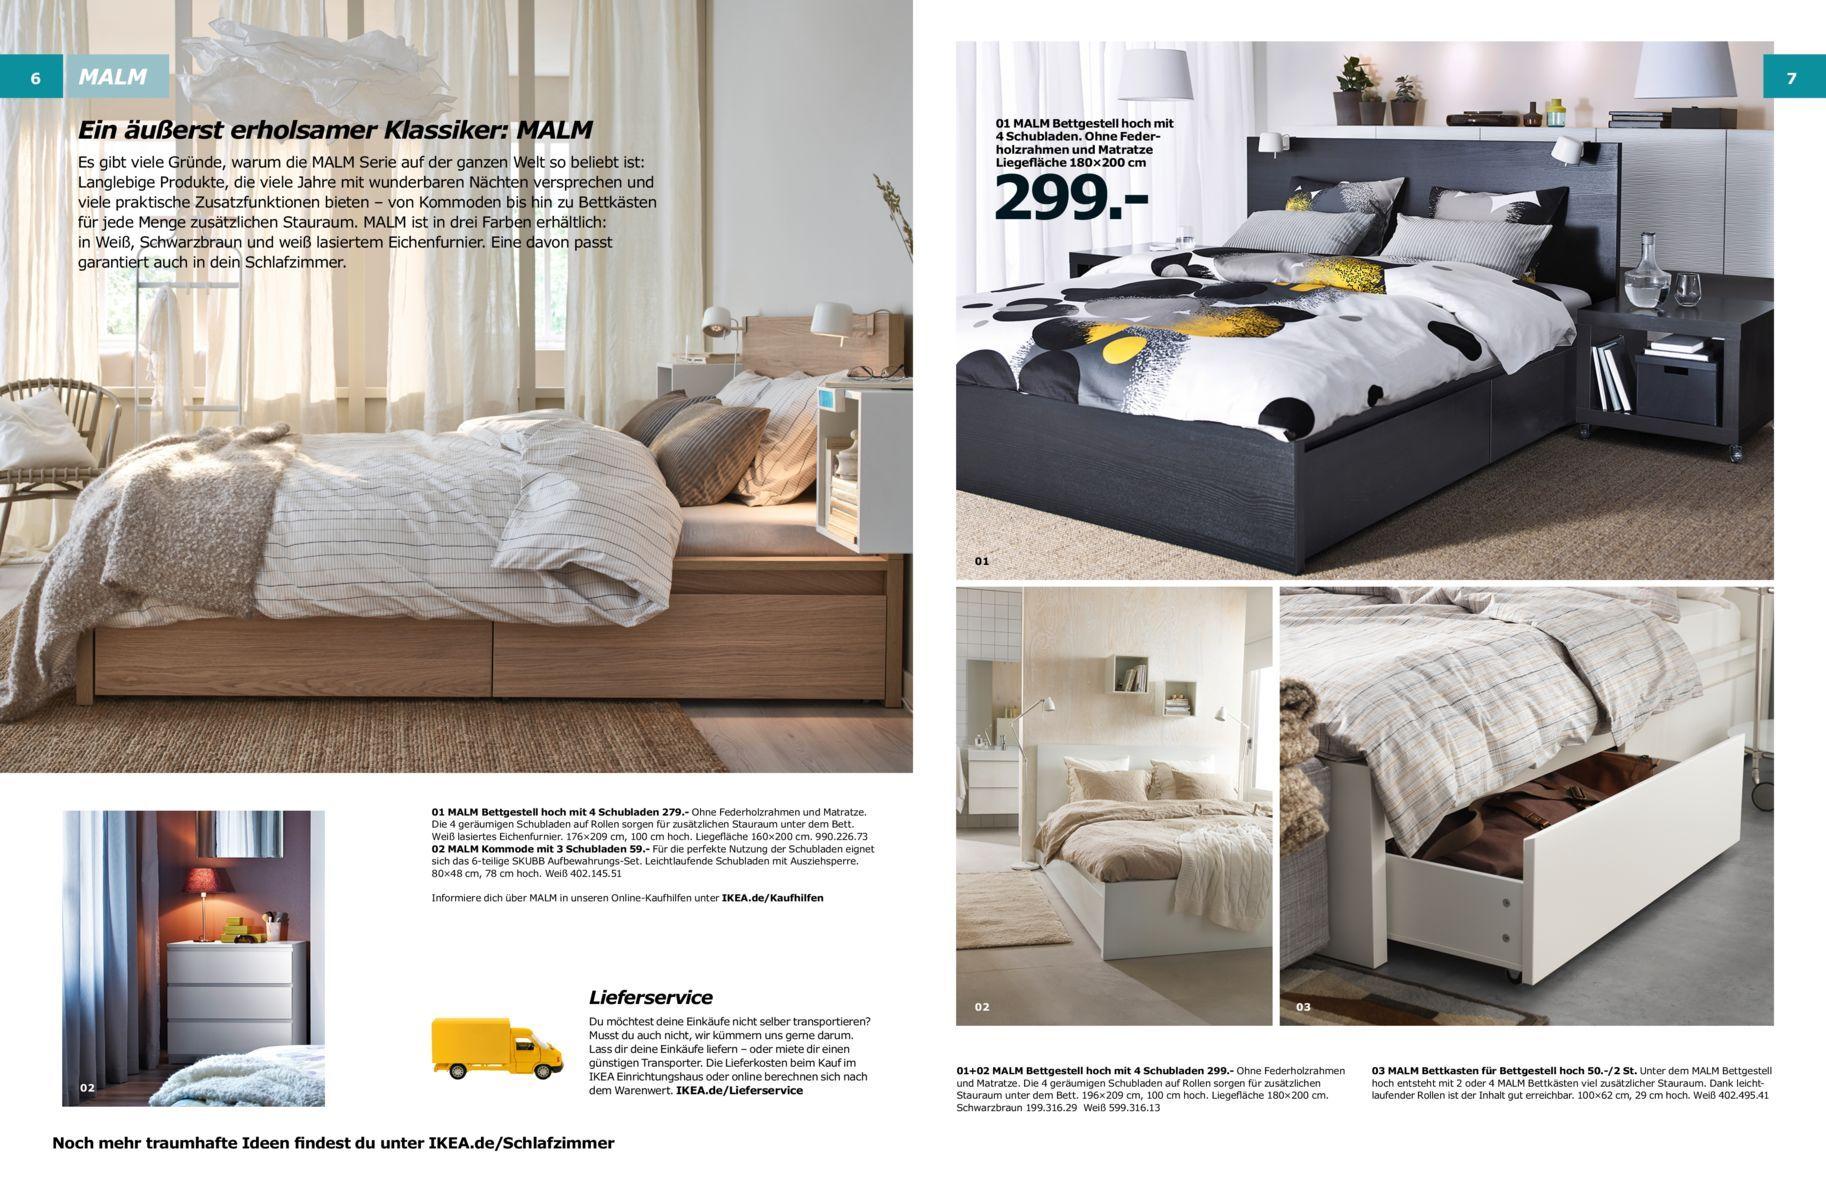 Schlafzimmertraume Einrichten Und Wohnen Wohnen